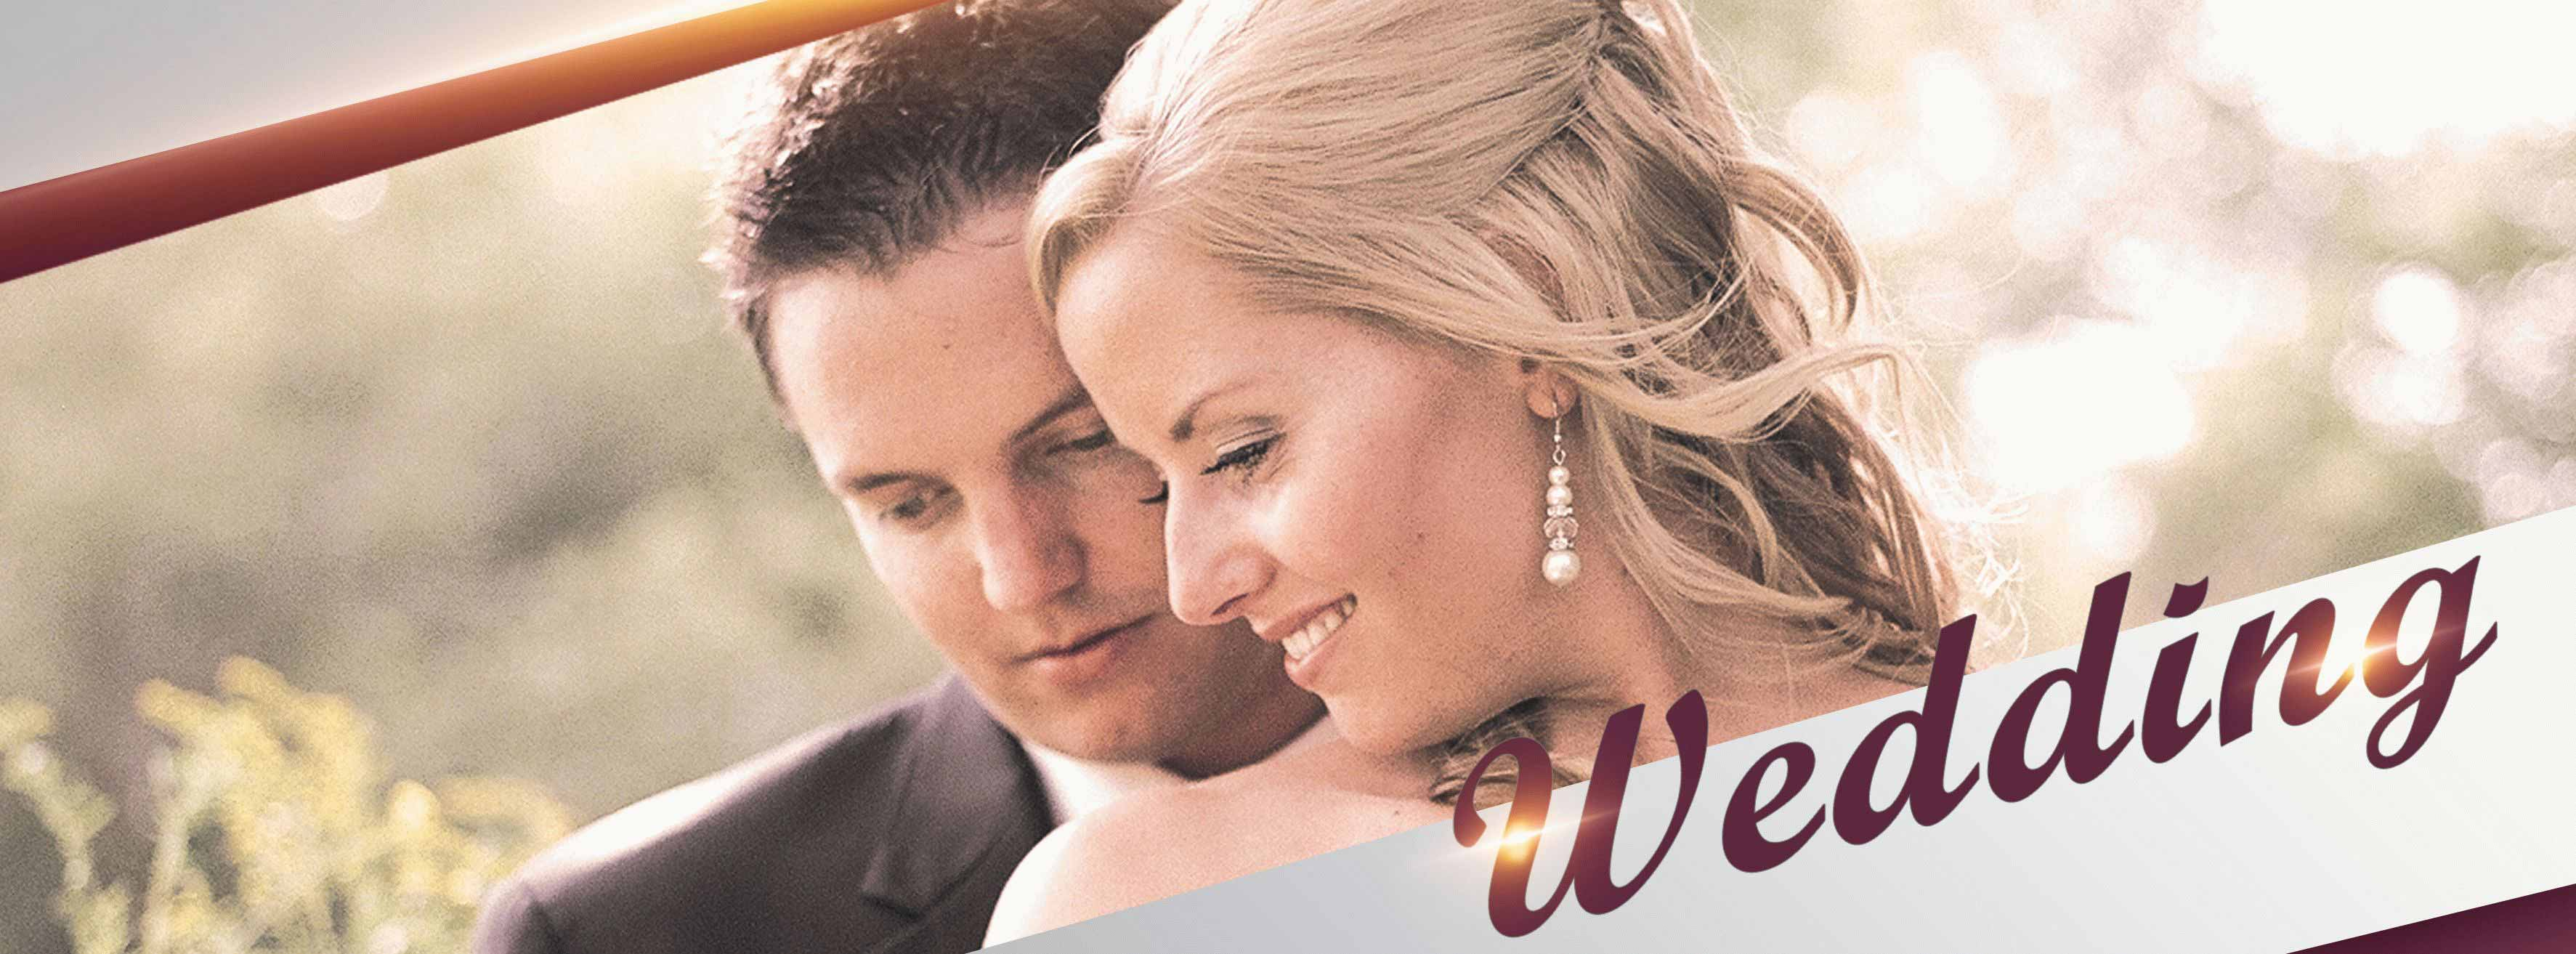 Wedding PSD Flyer Template